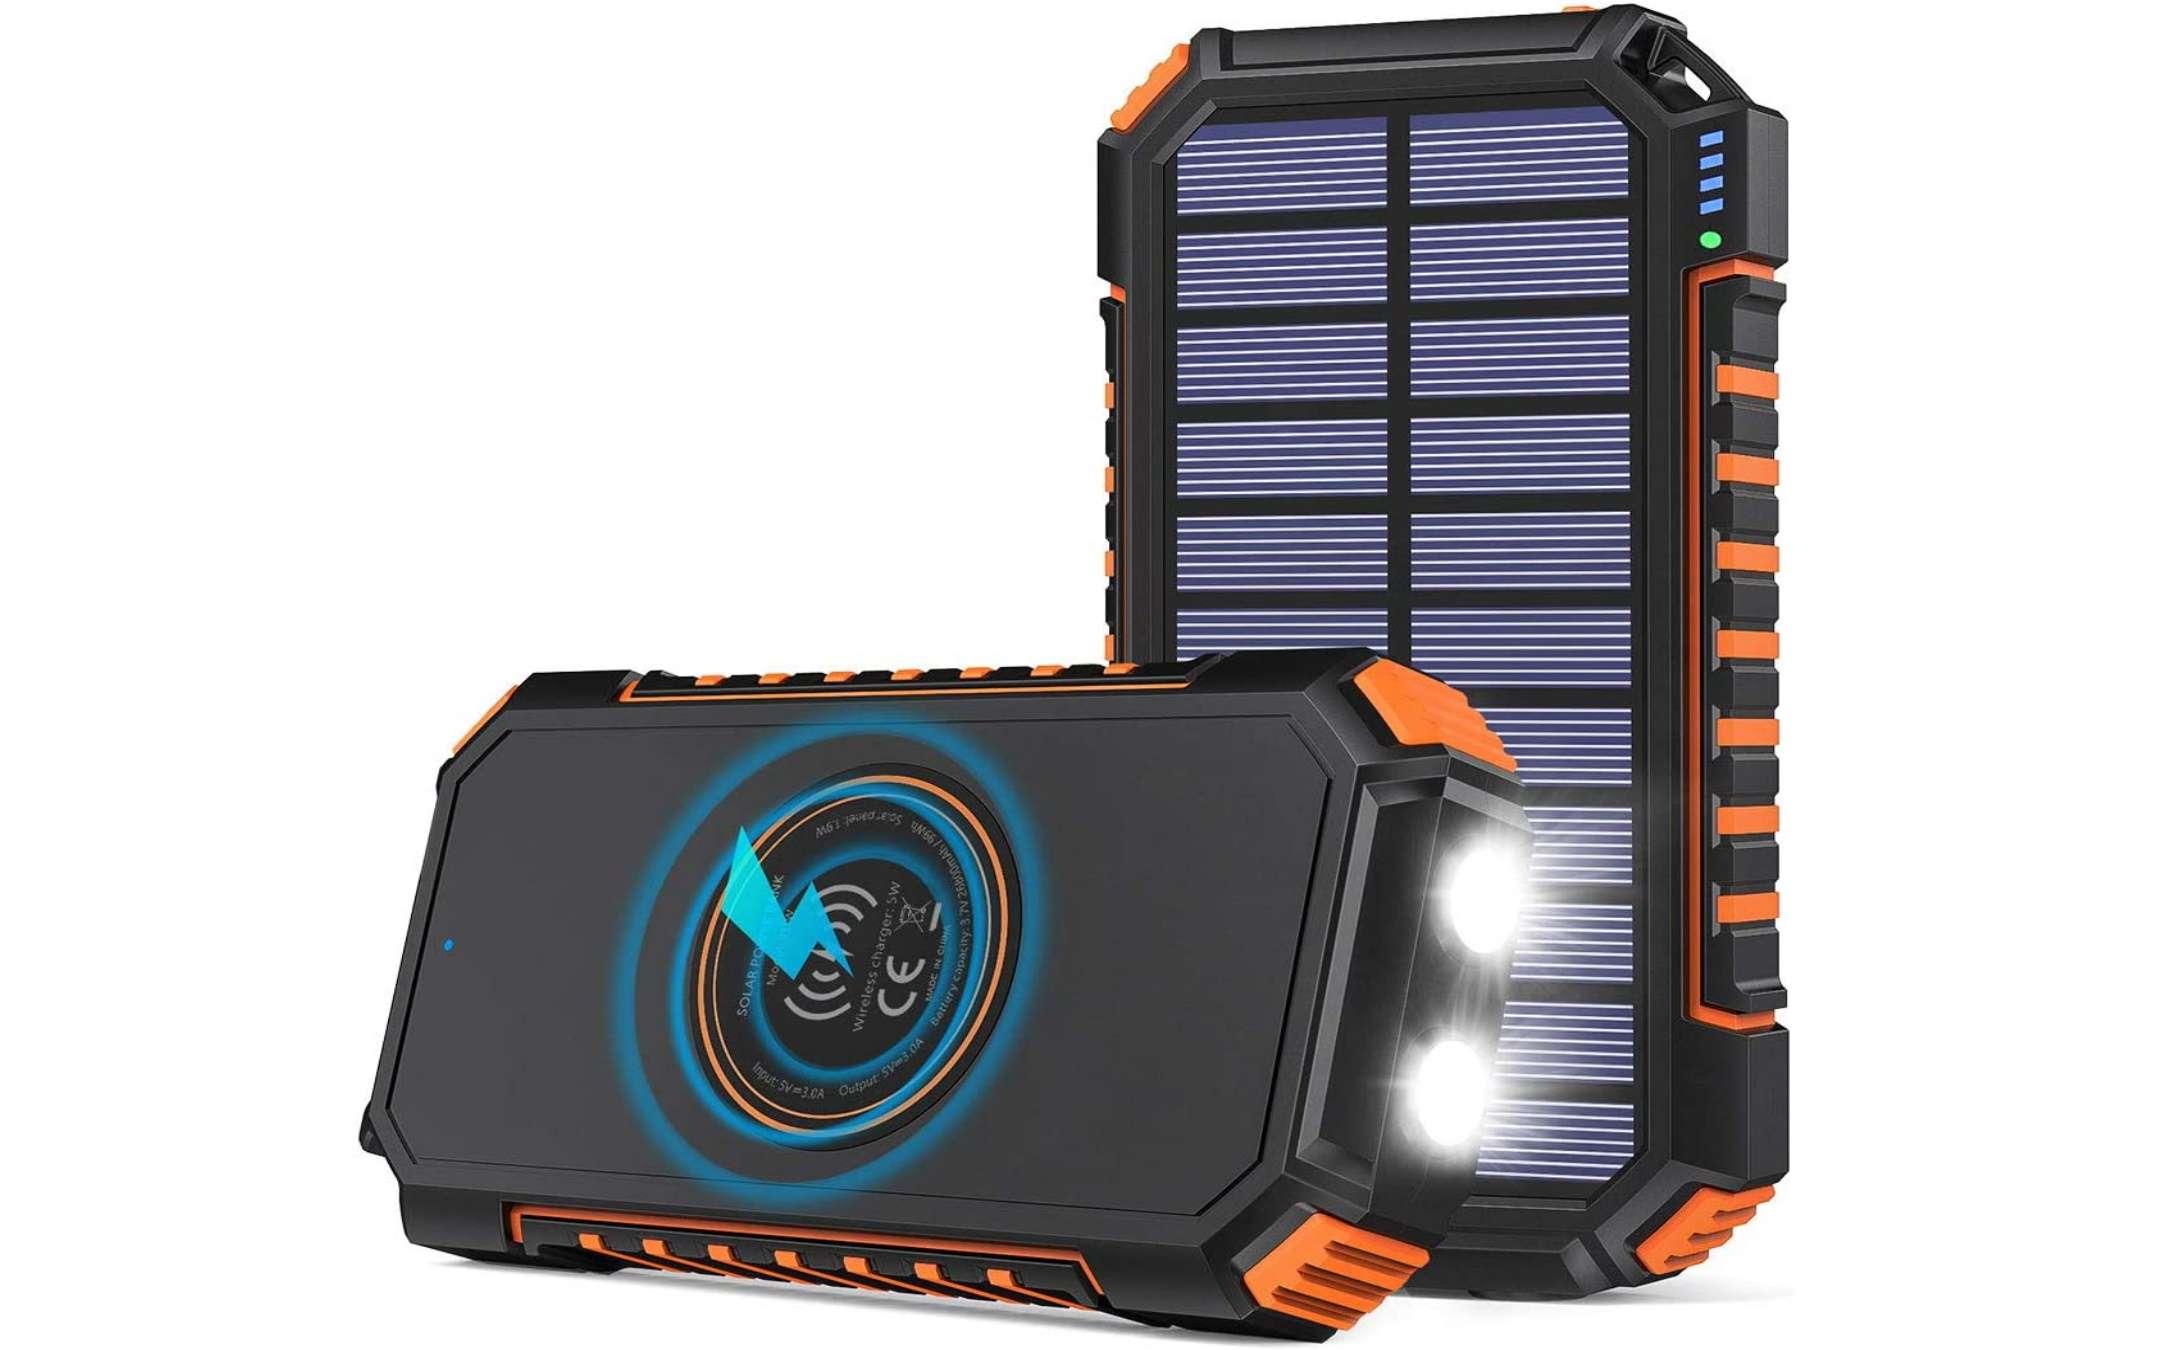 Caricabatteria Portatile Hiluckey con Pannello Solare e Ricarica Qi - 2